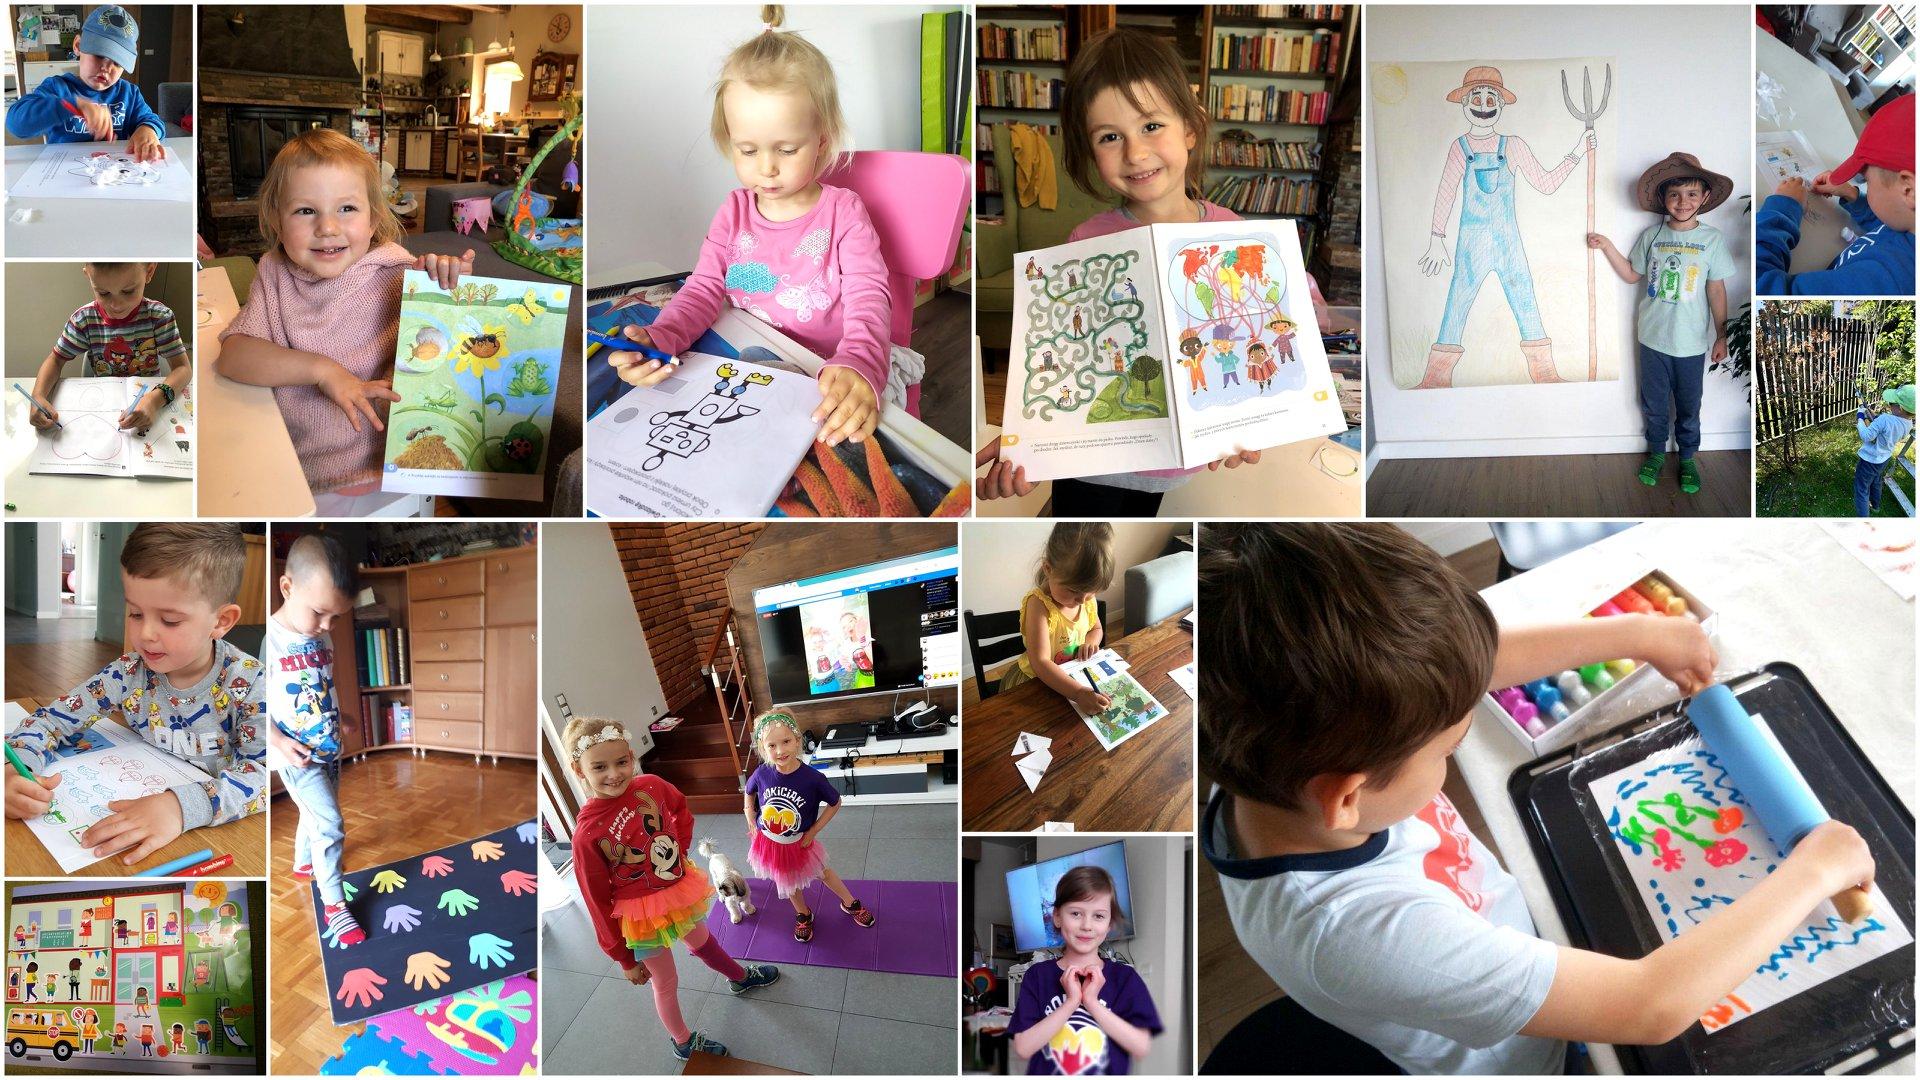 Na kolażu z 15 zdjęć znajdują się dzieci, które tańczą, rysują, kolorują, przyklejają, wykonują prace w ogrodzie i prezentują efekty swoich działań.